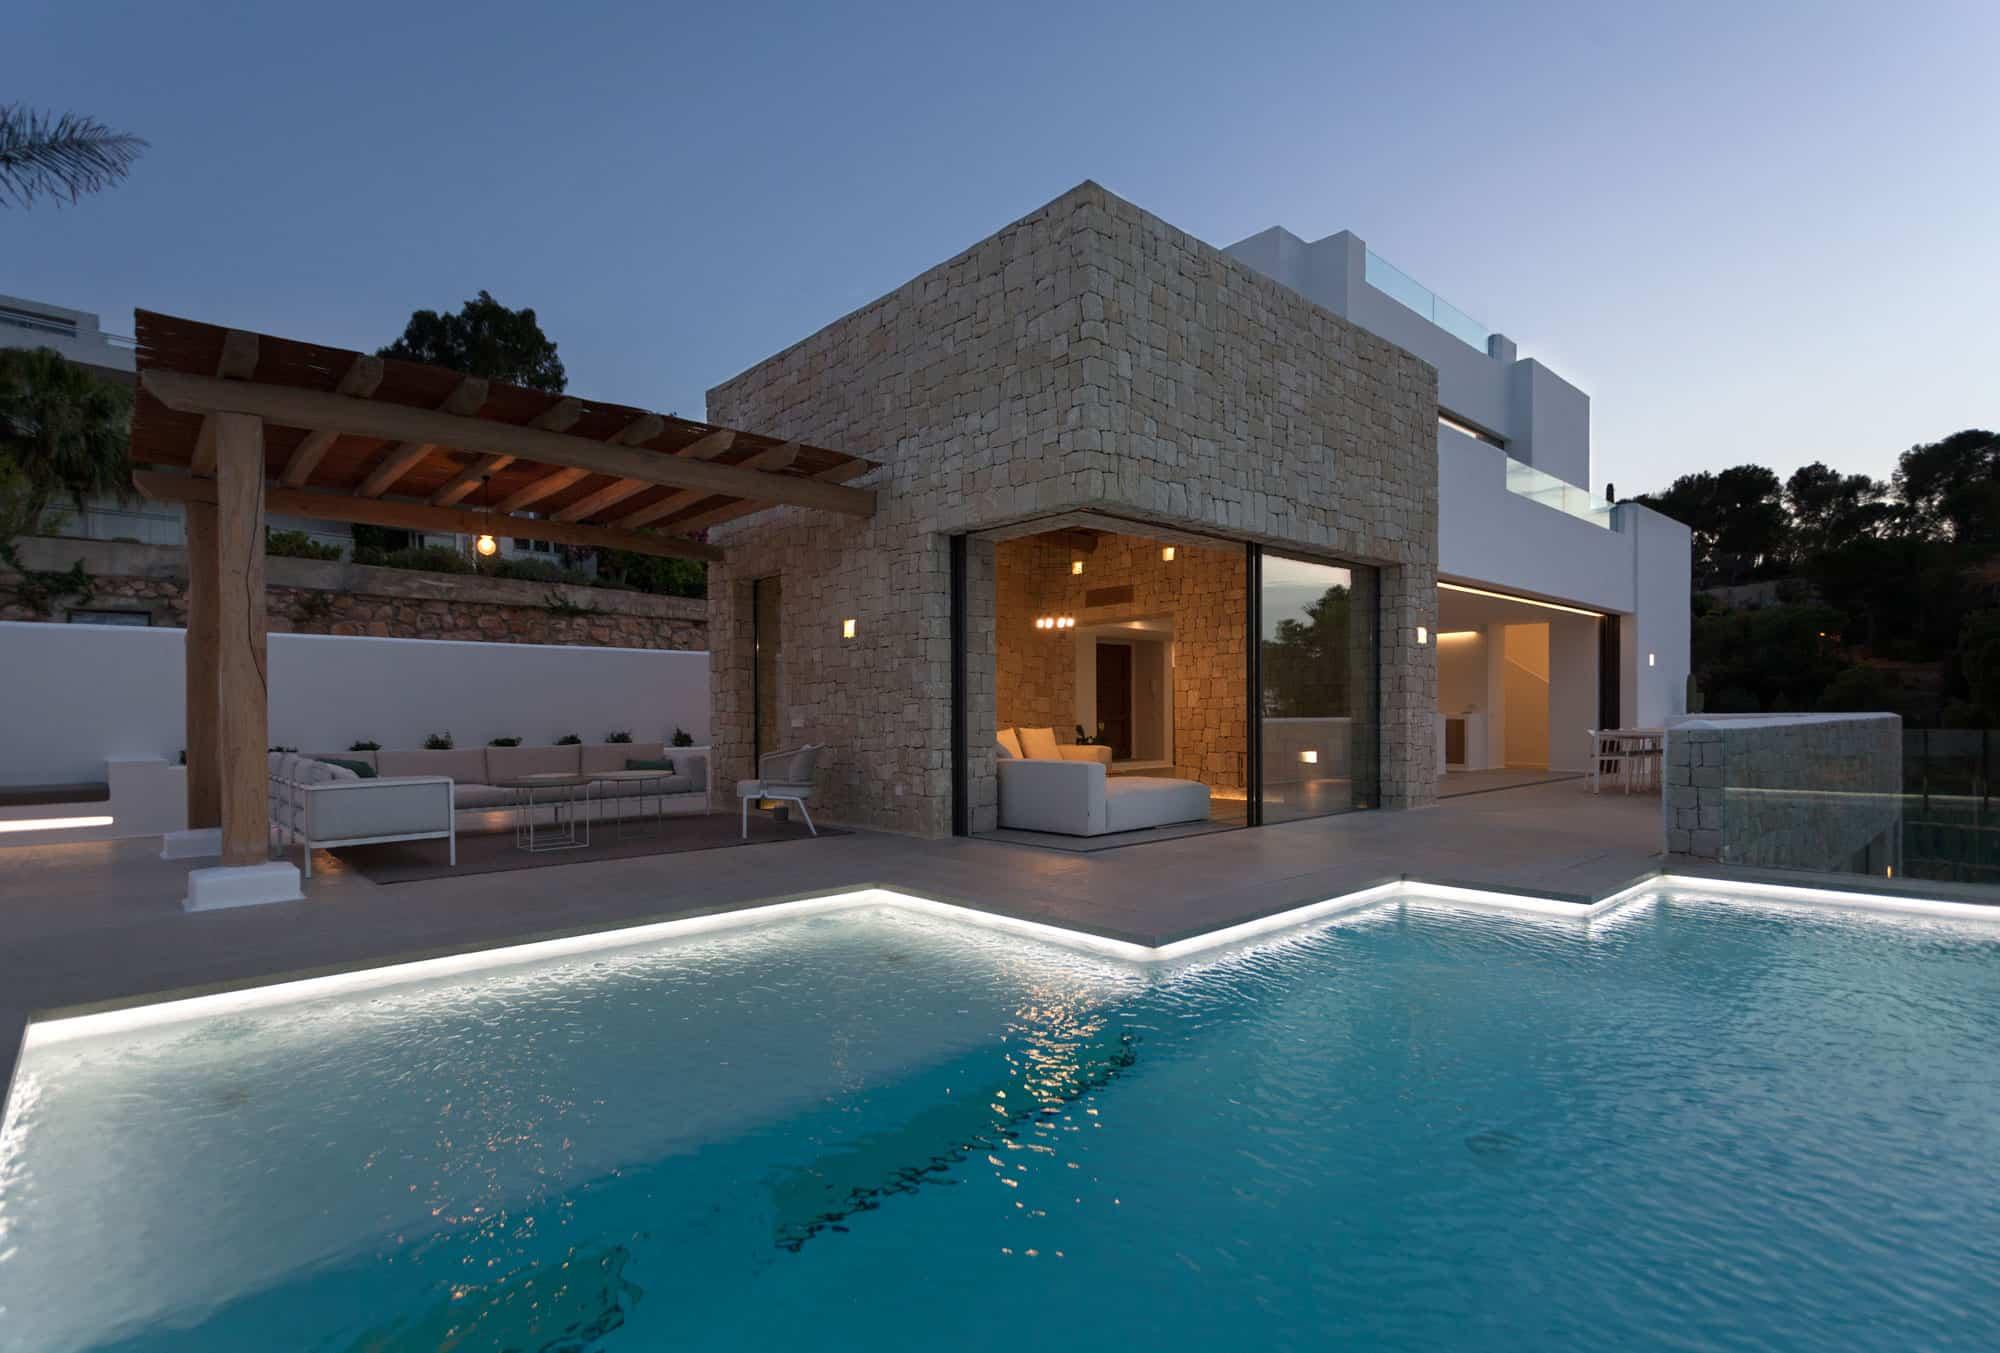 Antonio Altarriba Arquitecto Designs a Rustic Contemporary Home in Alicante, Spain